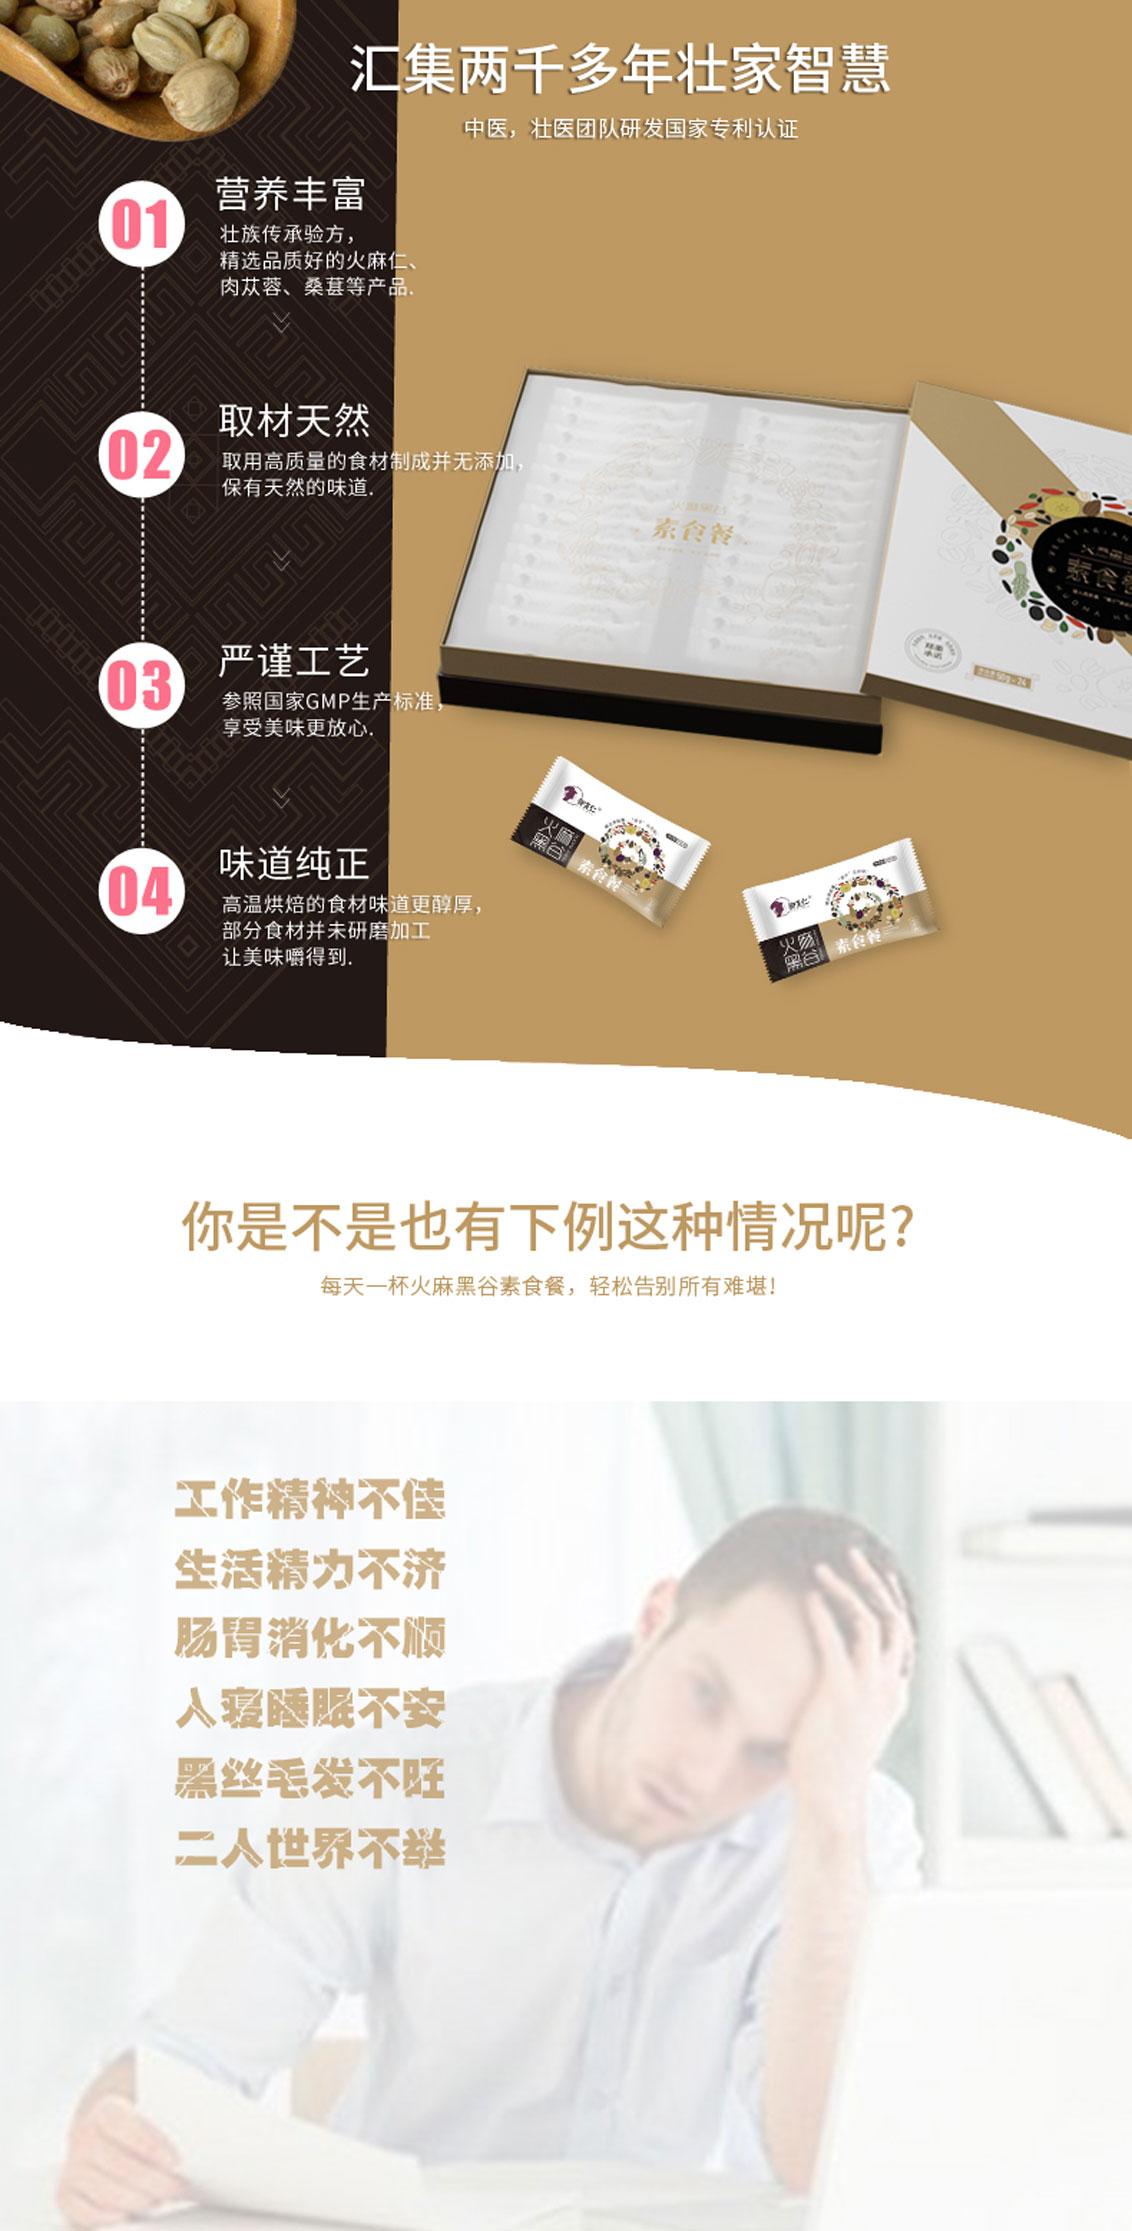 火麻黑谷素食餐礼盒装-详情页-W_03